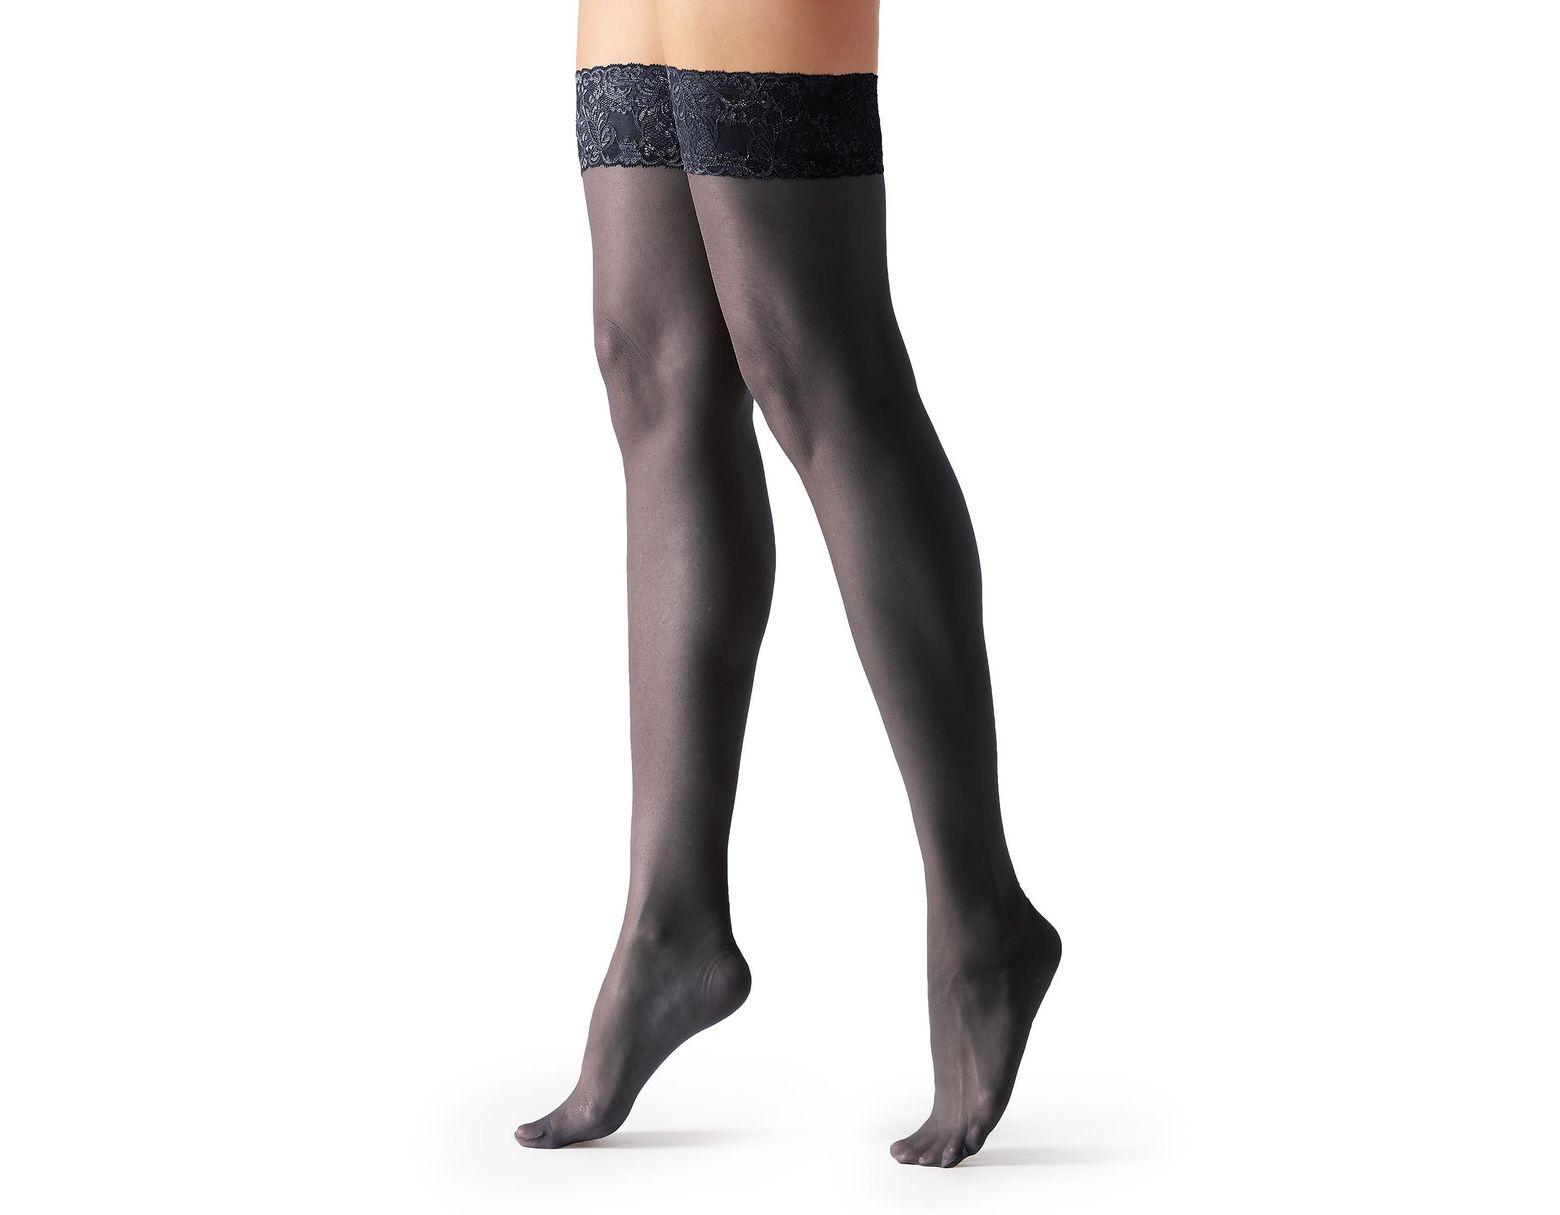 ULTRA THIGH HI 200 DEN Opaque Stockings MATTE DARK GRAY